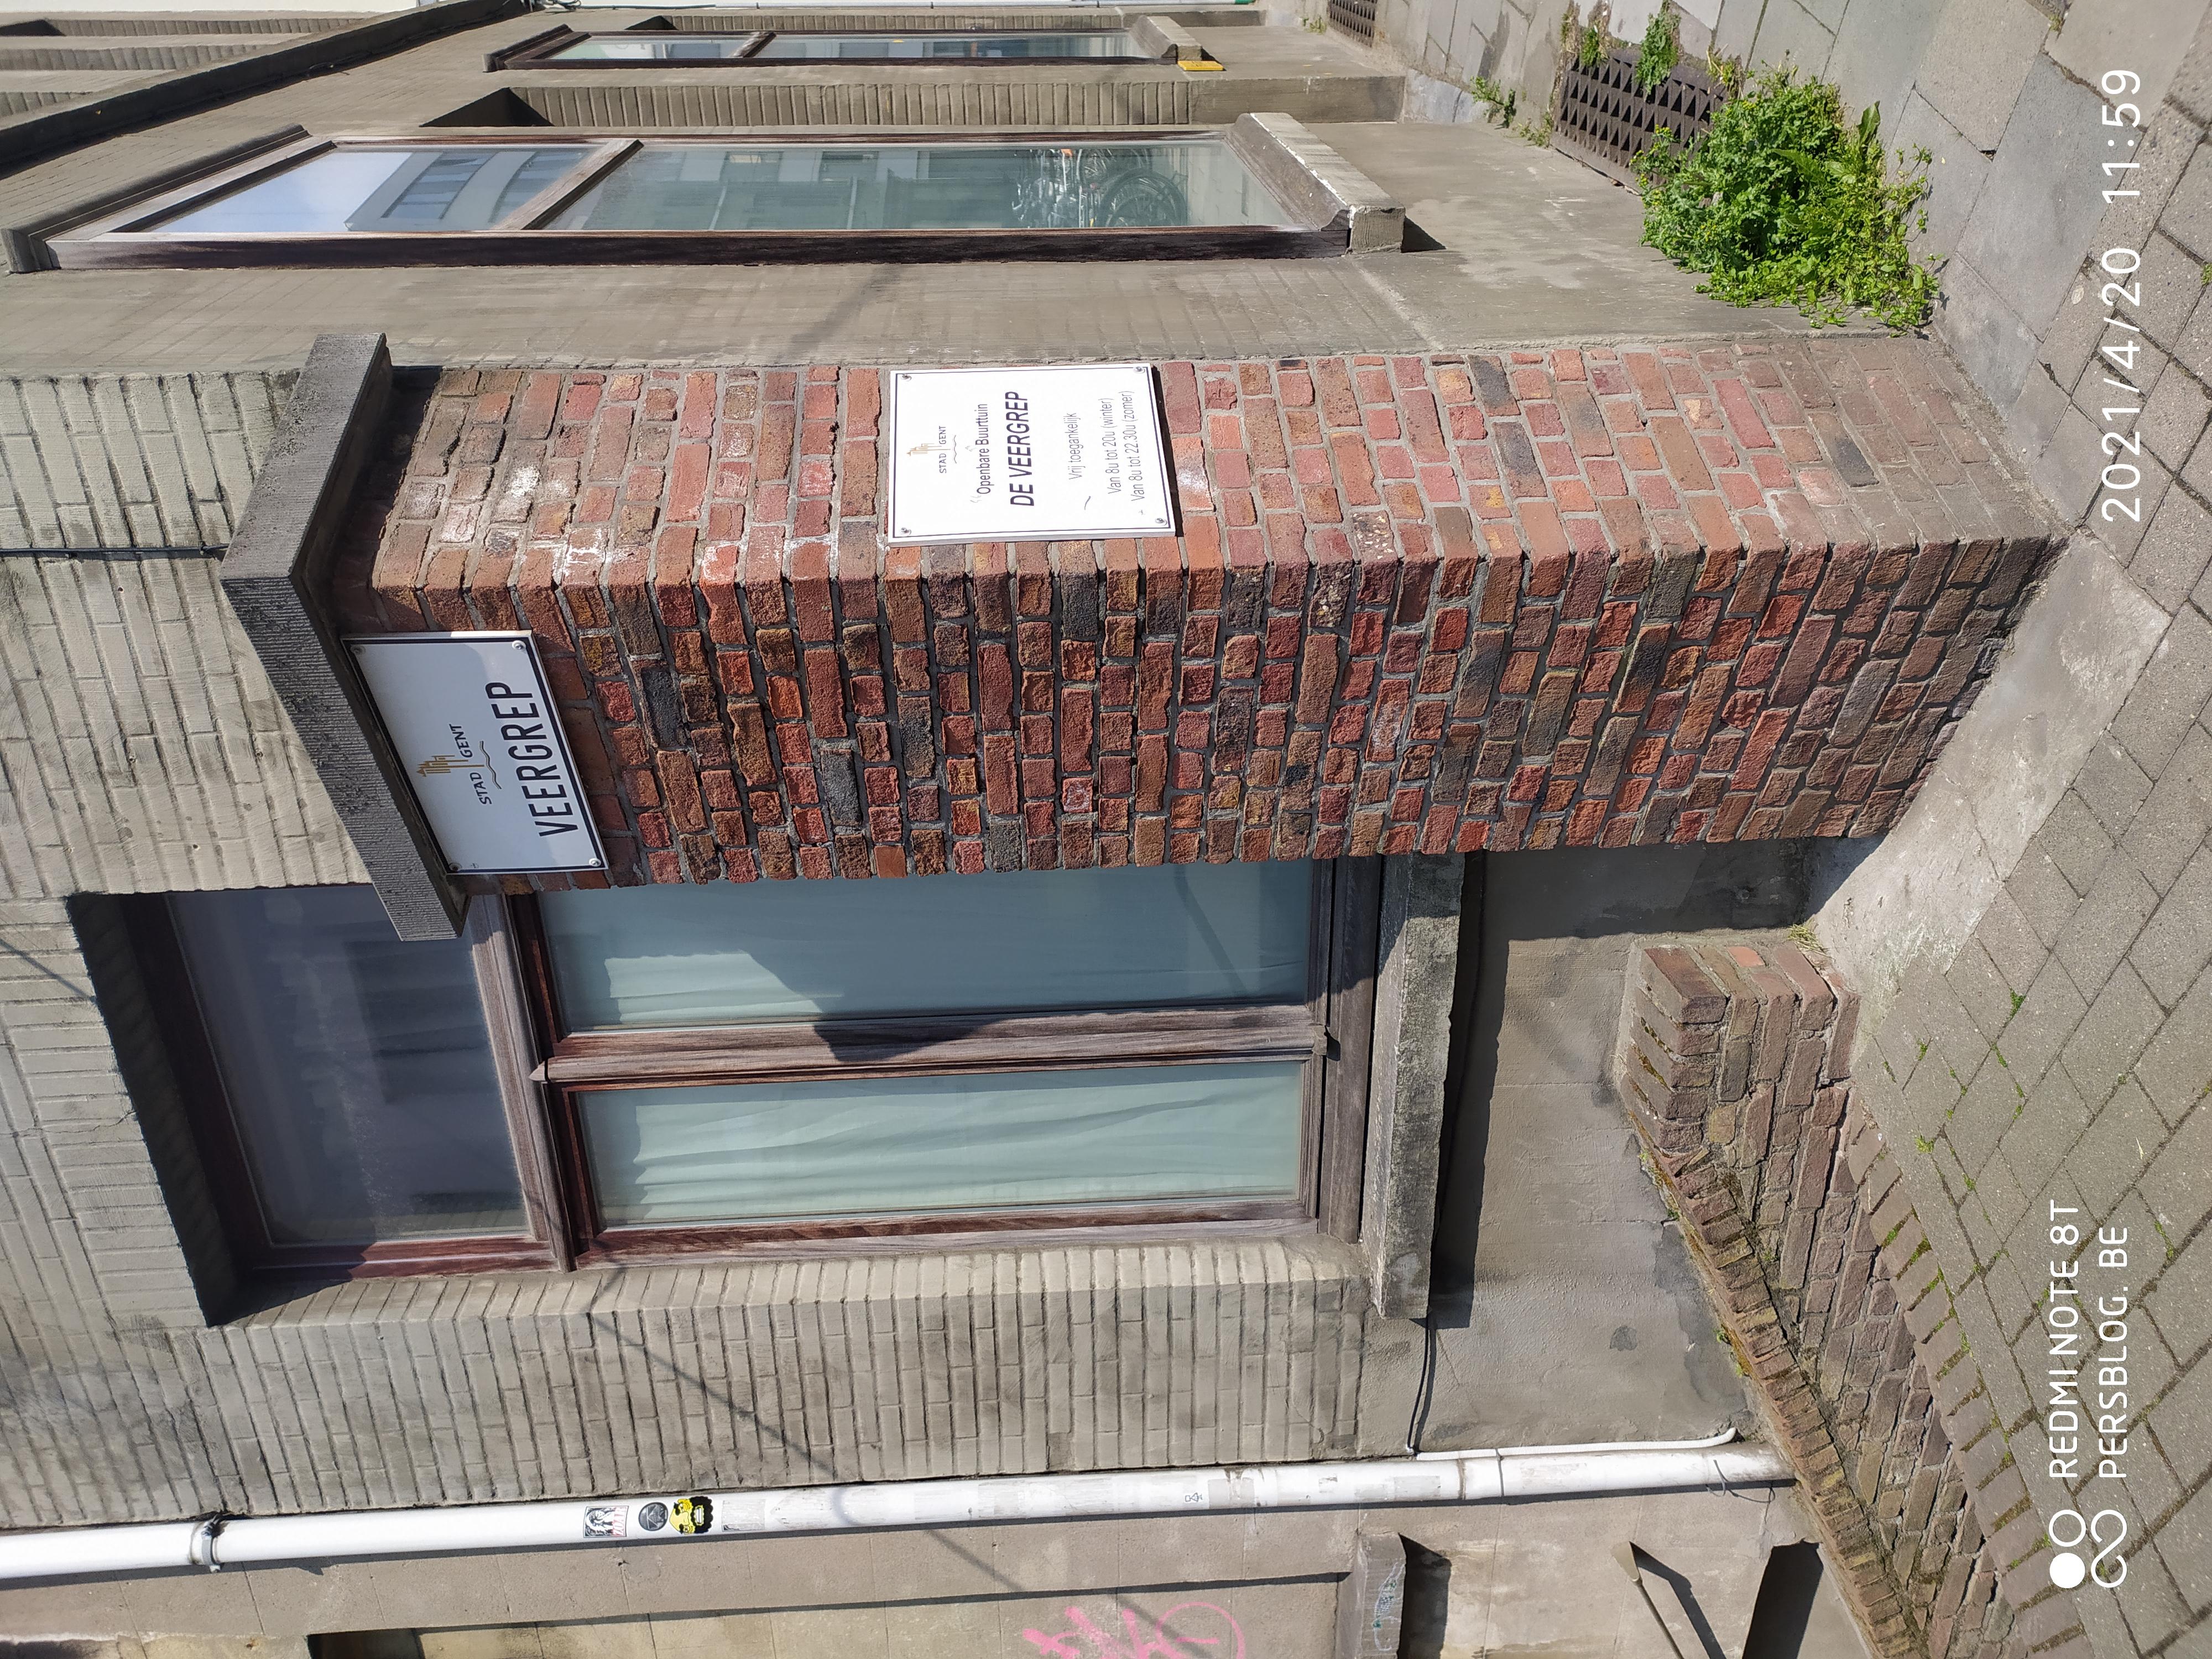 22 Veergrep - zijstraat Kortrijksepoortstraat - publieke buurtuin (1)- Leie